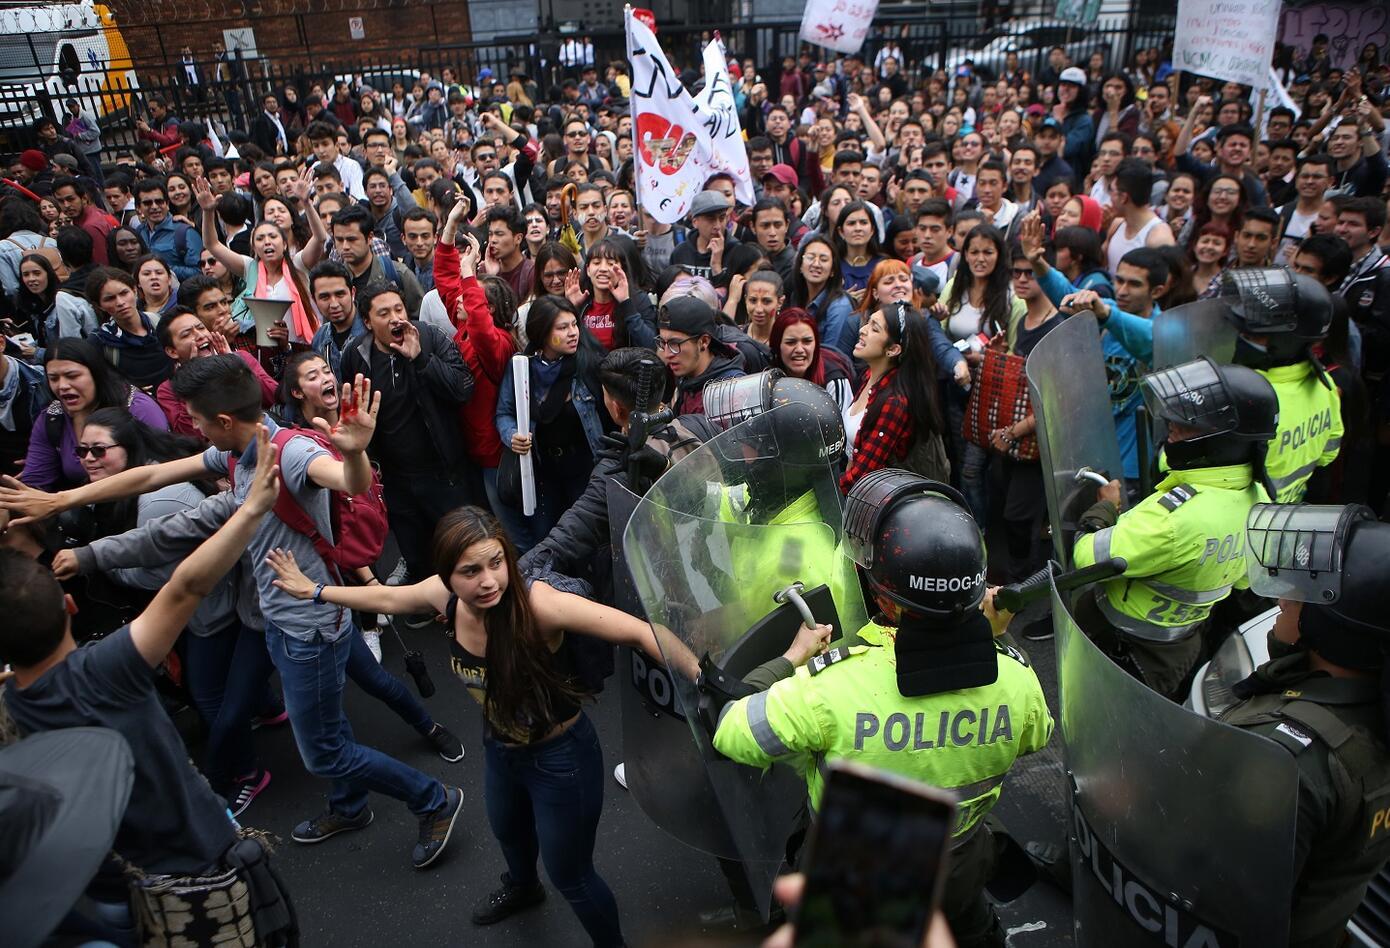 Los estudiantes han manifestado que el principal objetivo de las marchas es mantener la protesta sin generar ningún tipo de violencia ni acto vandálico.